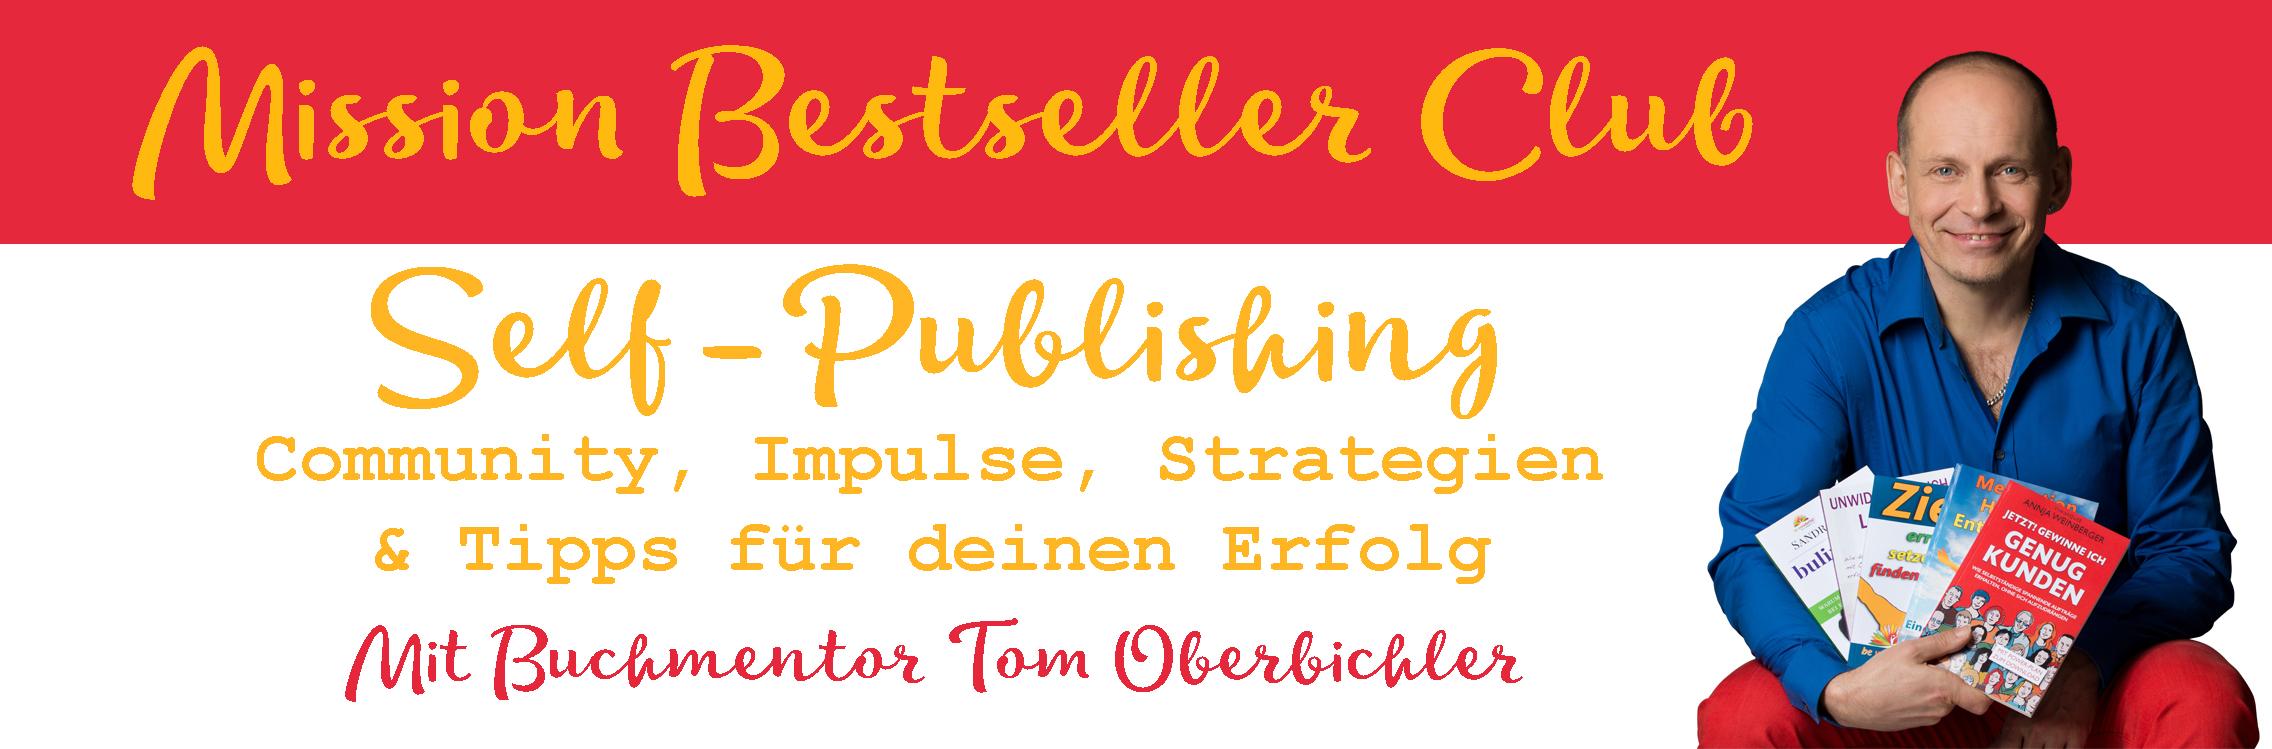 Der Mission Bestseller Club, die Self-Publishing-Community mit Tom Oberbichler